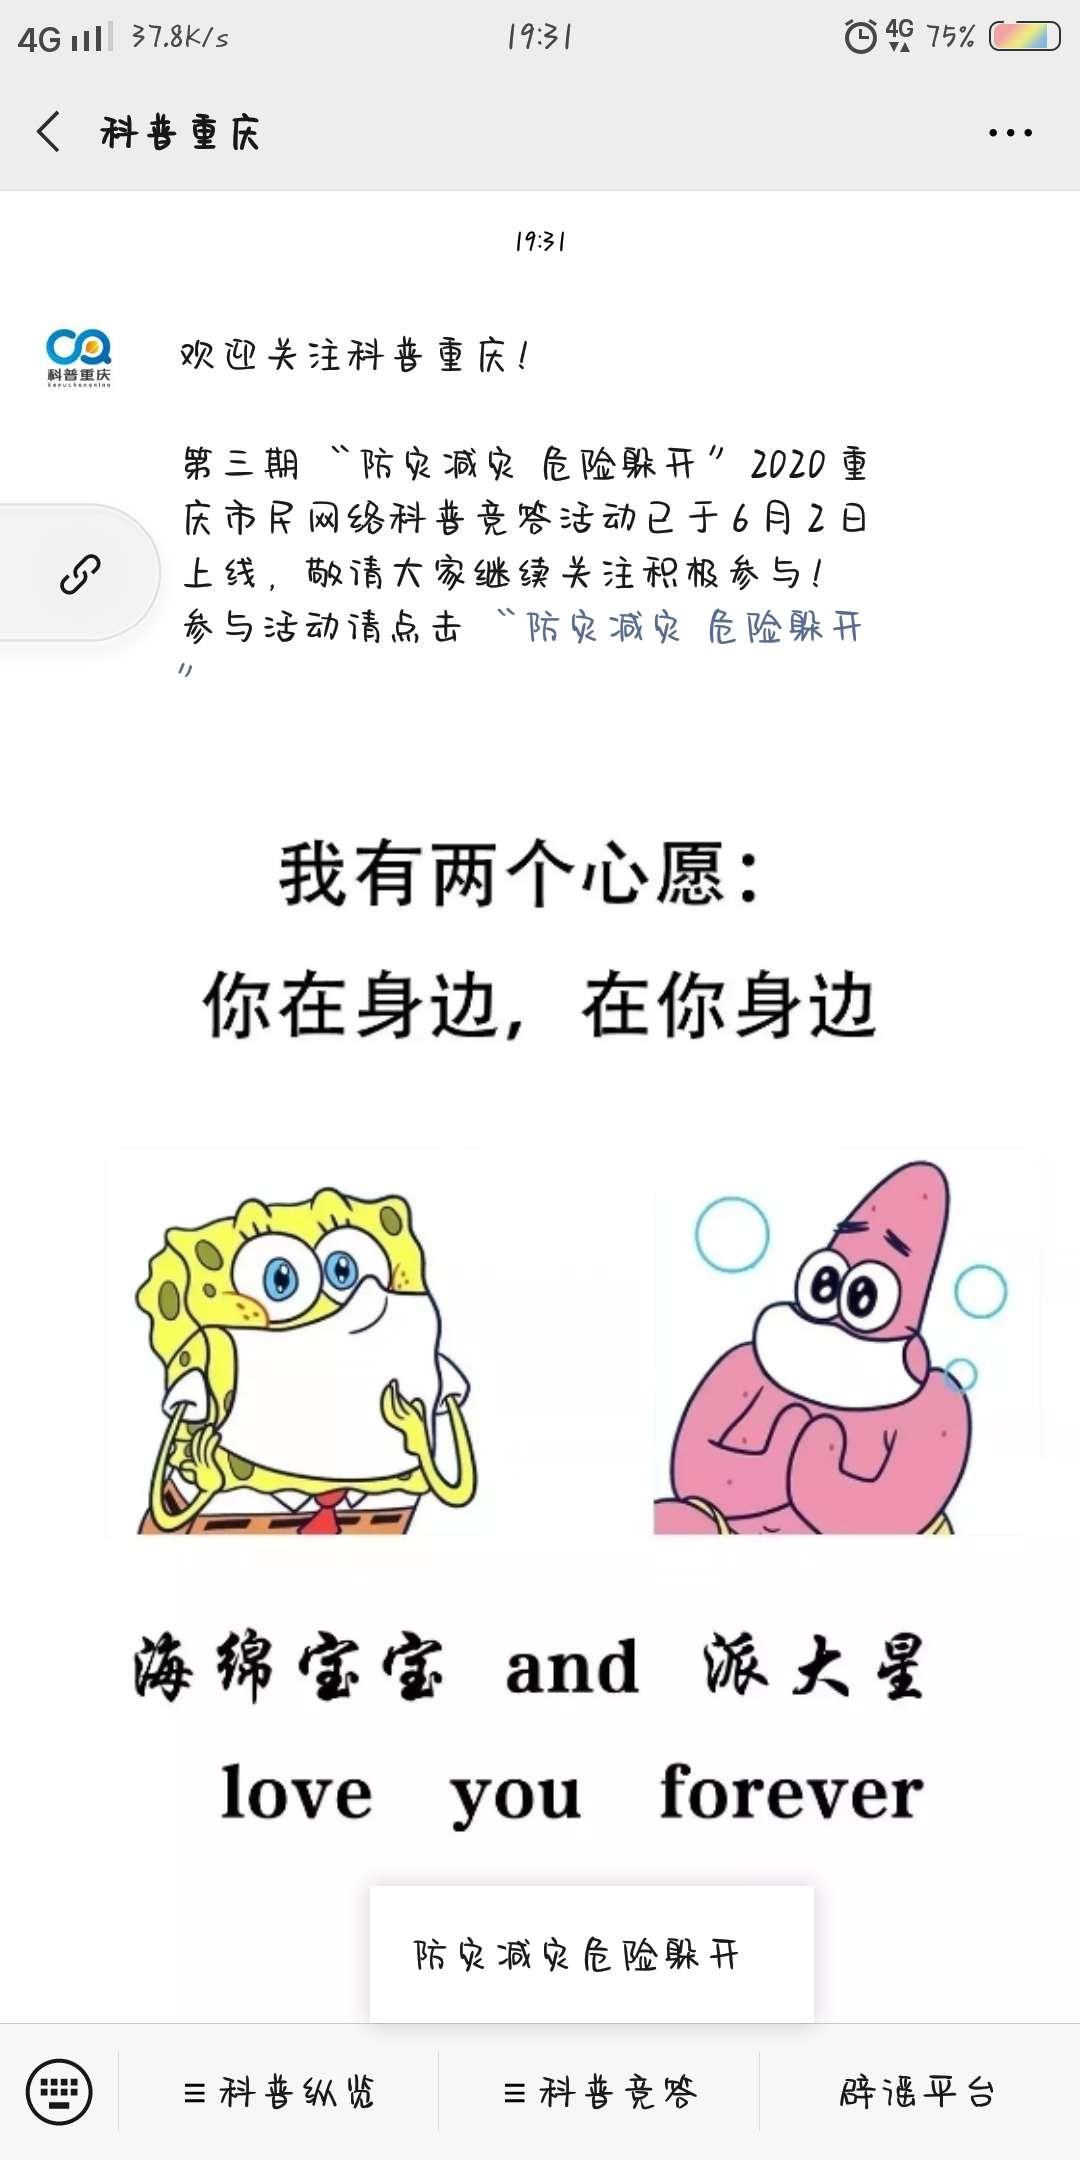 科普重庆公众号答题抽微信红包  第2张